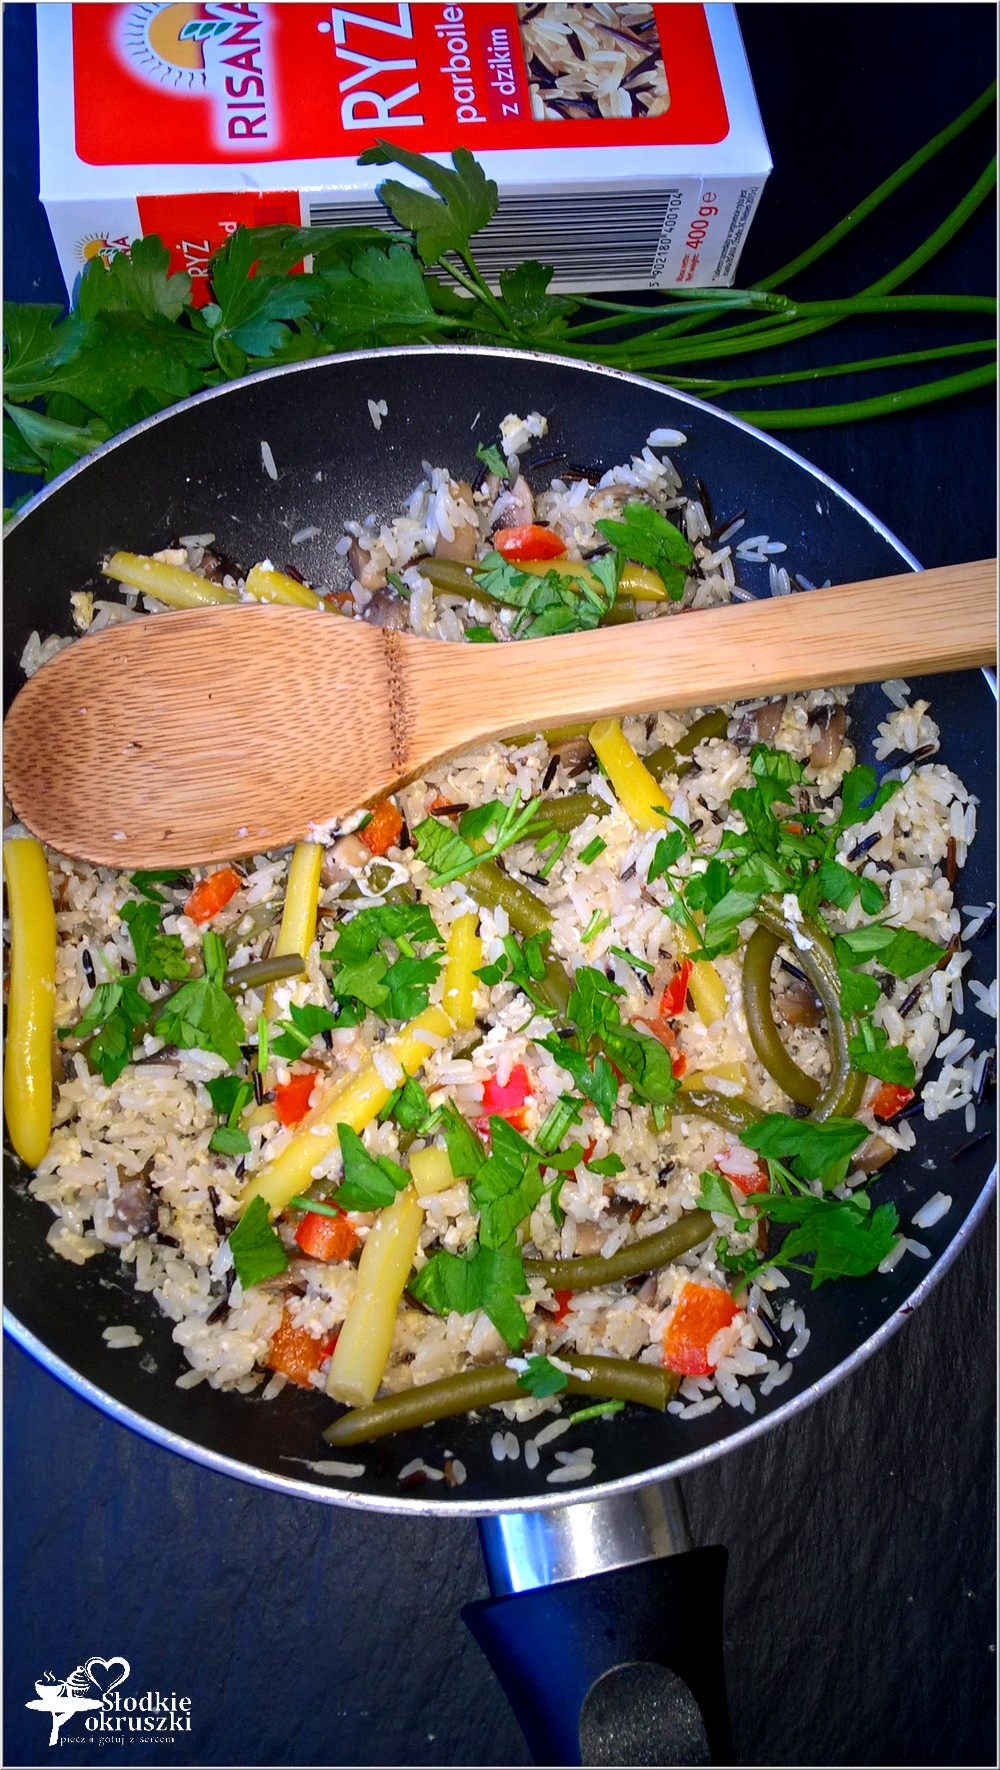 Smażony ryż z fasolką, jajkiem, pieczarkami i papryką (2)